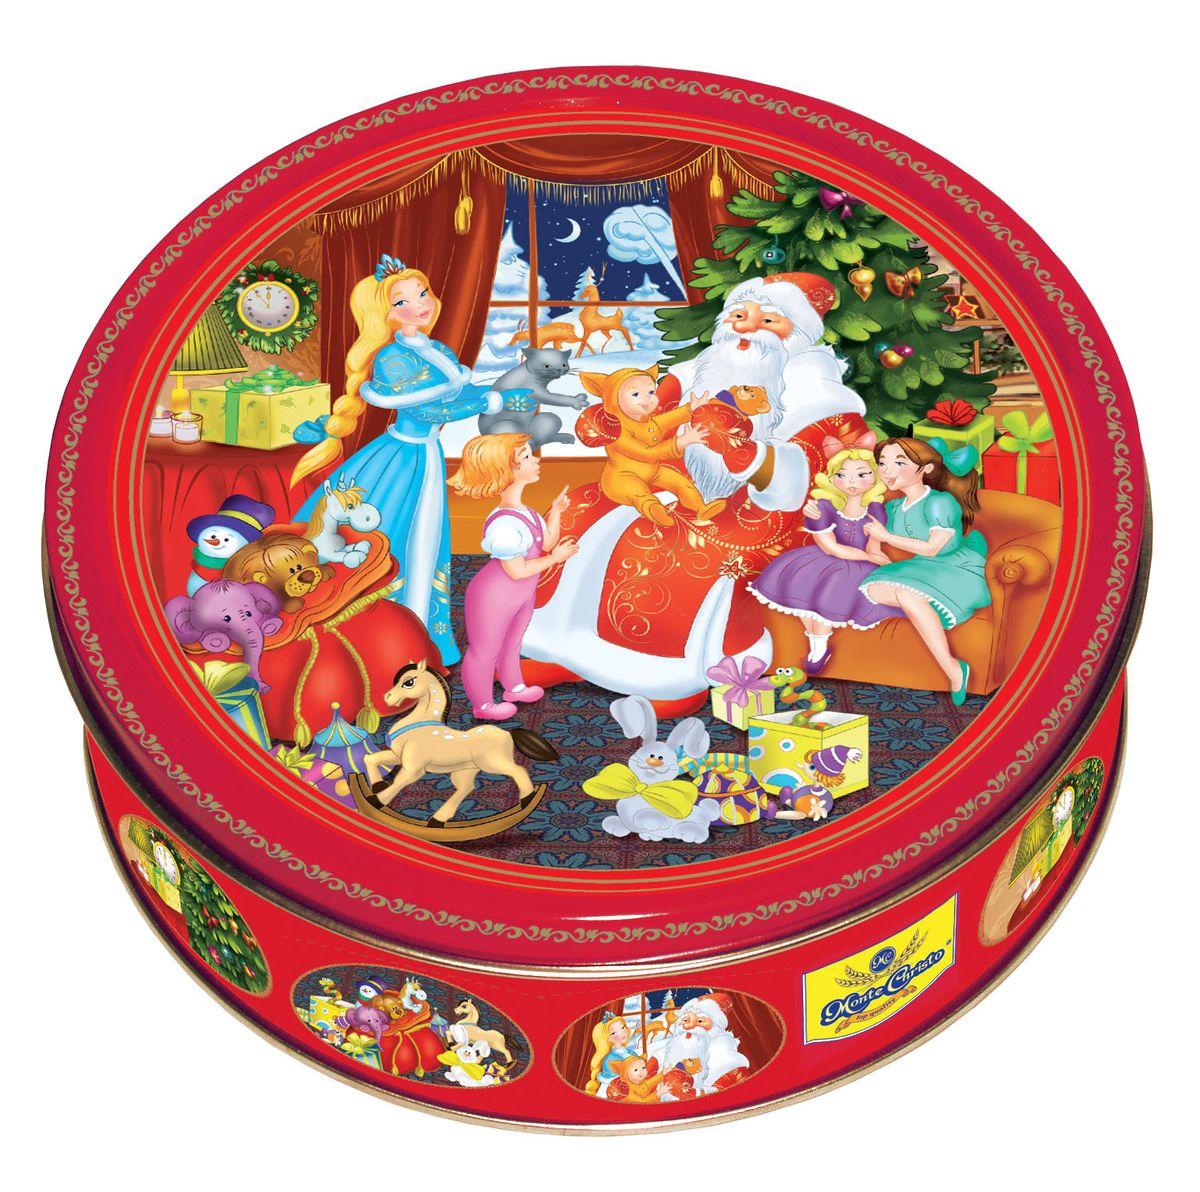 Сладкая Сказка Печенье Подарки Деда Мороза, 400 г MC-4-5